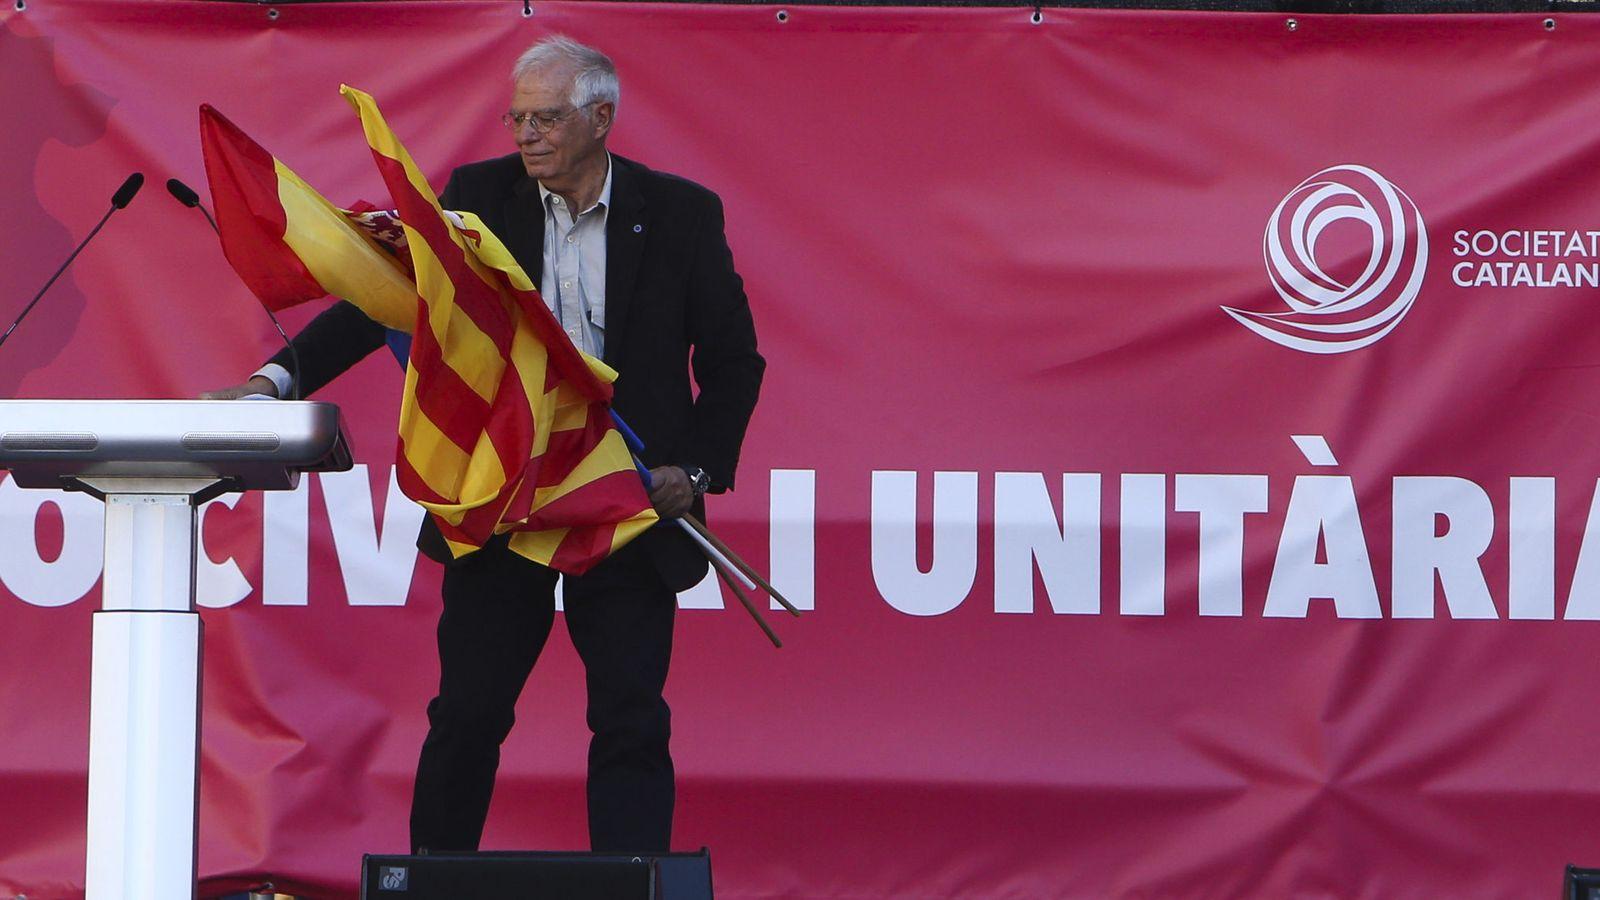 Foto: El exministro y expresidente del Parlamento Europeo Josep Borrell. (EFE)